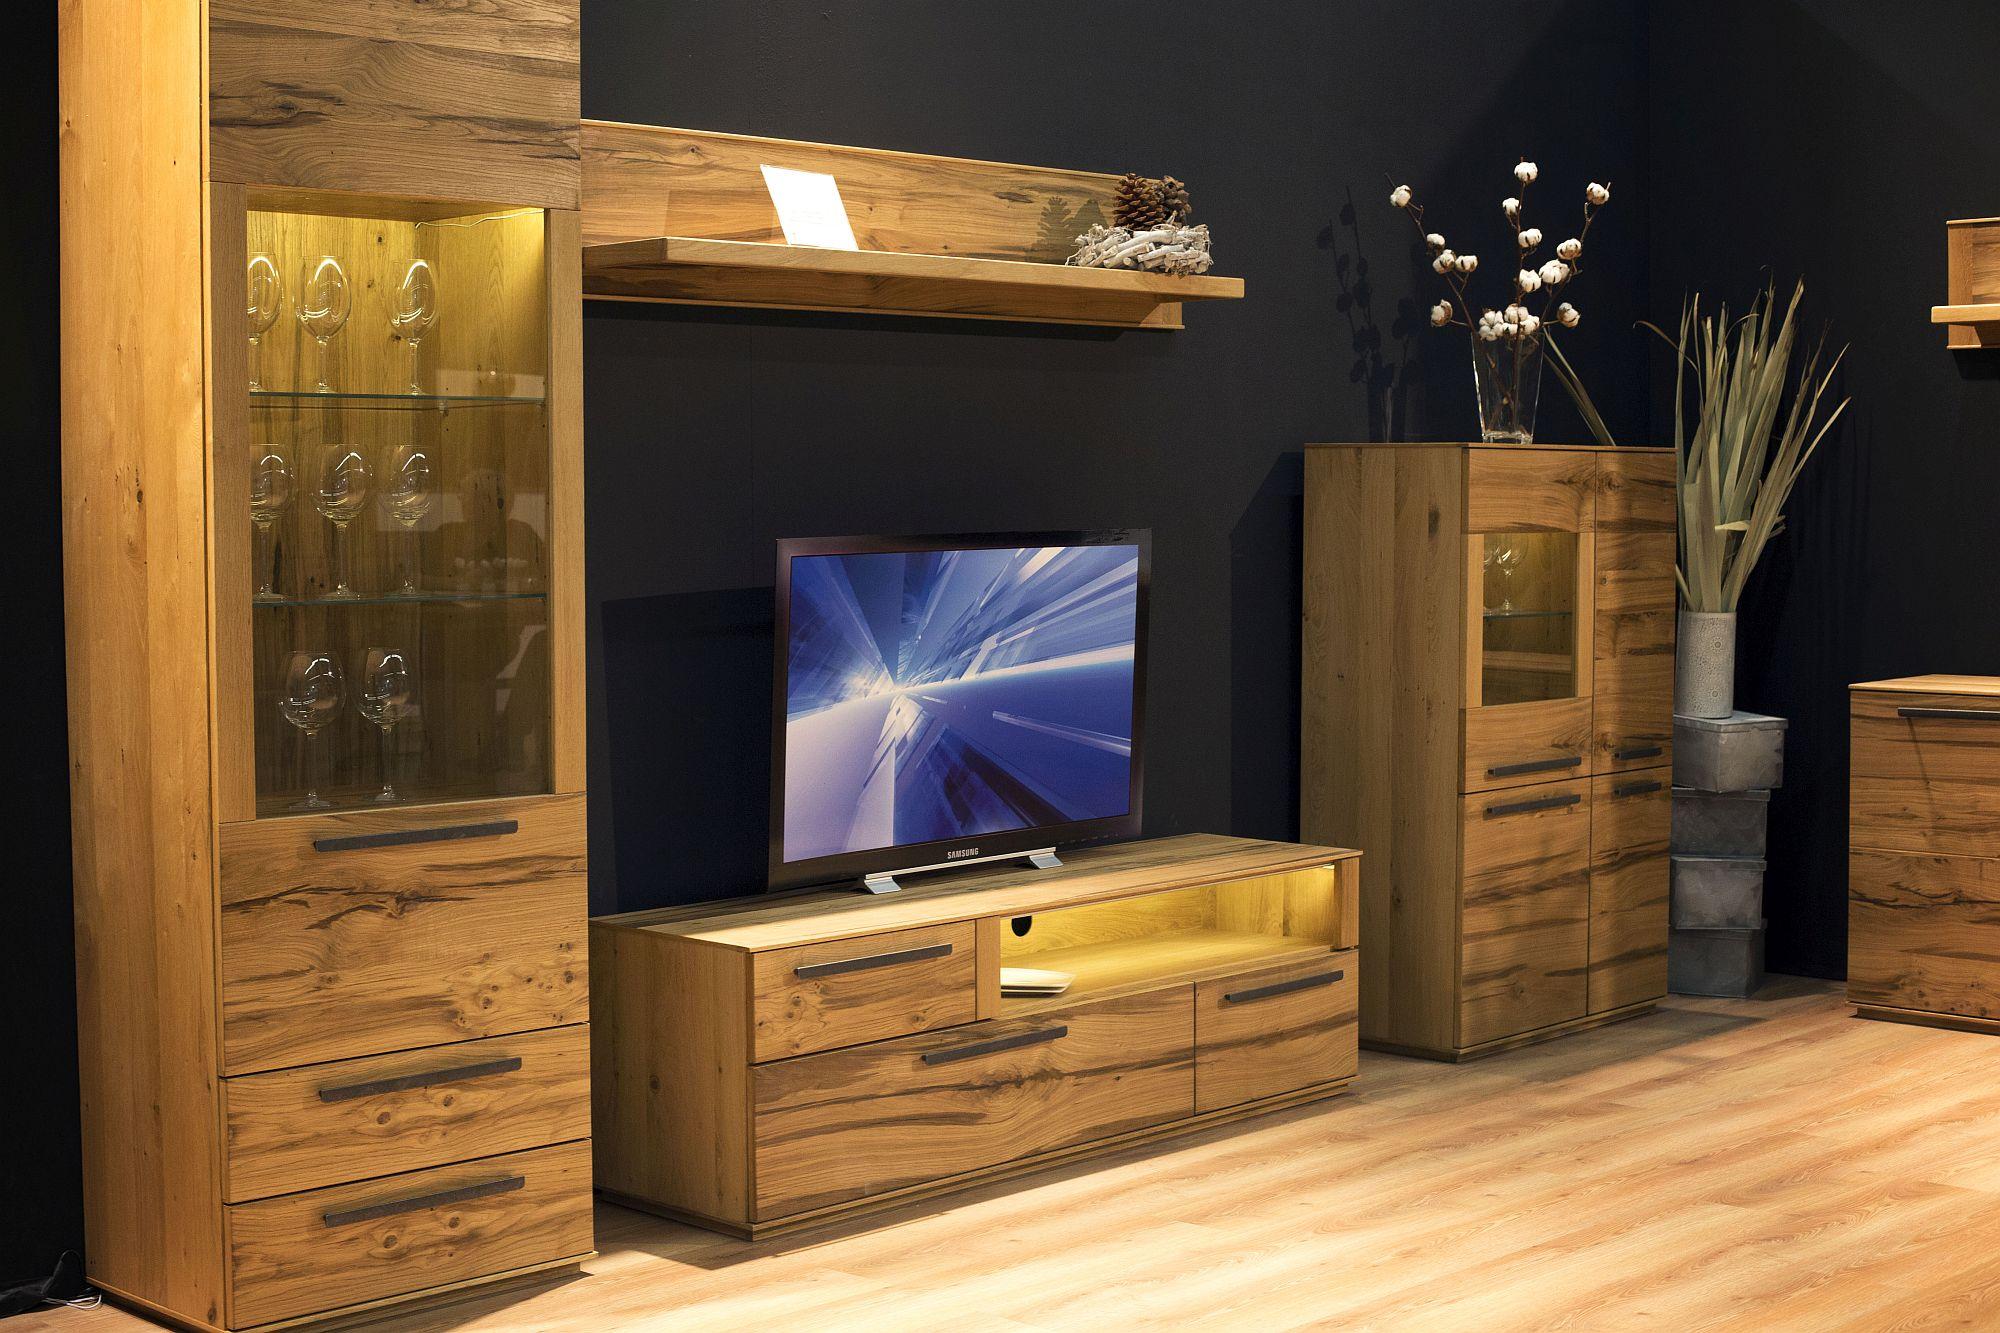 Trend kabinet tv berkilat kini beralih kepada kayu yang lebih berunsur alam